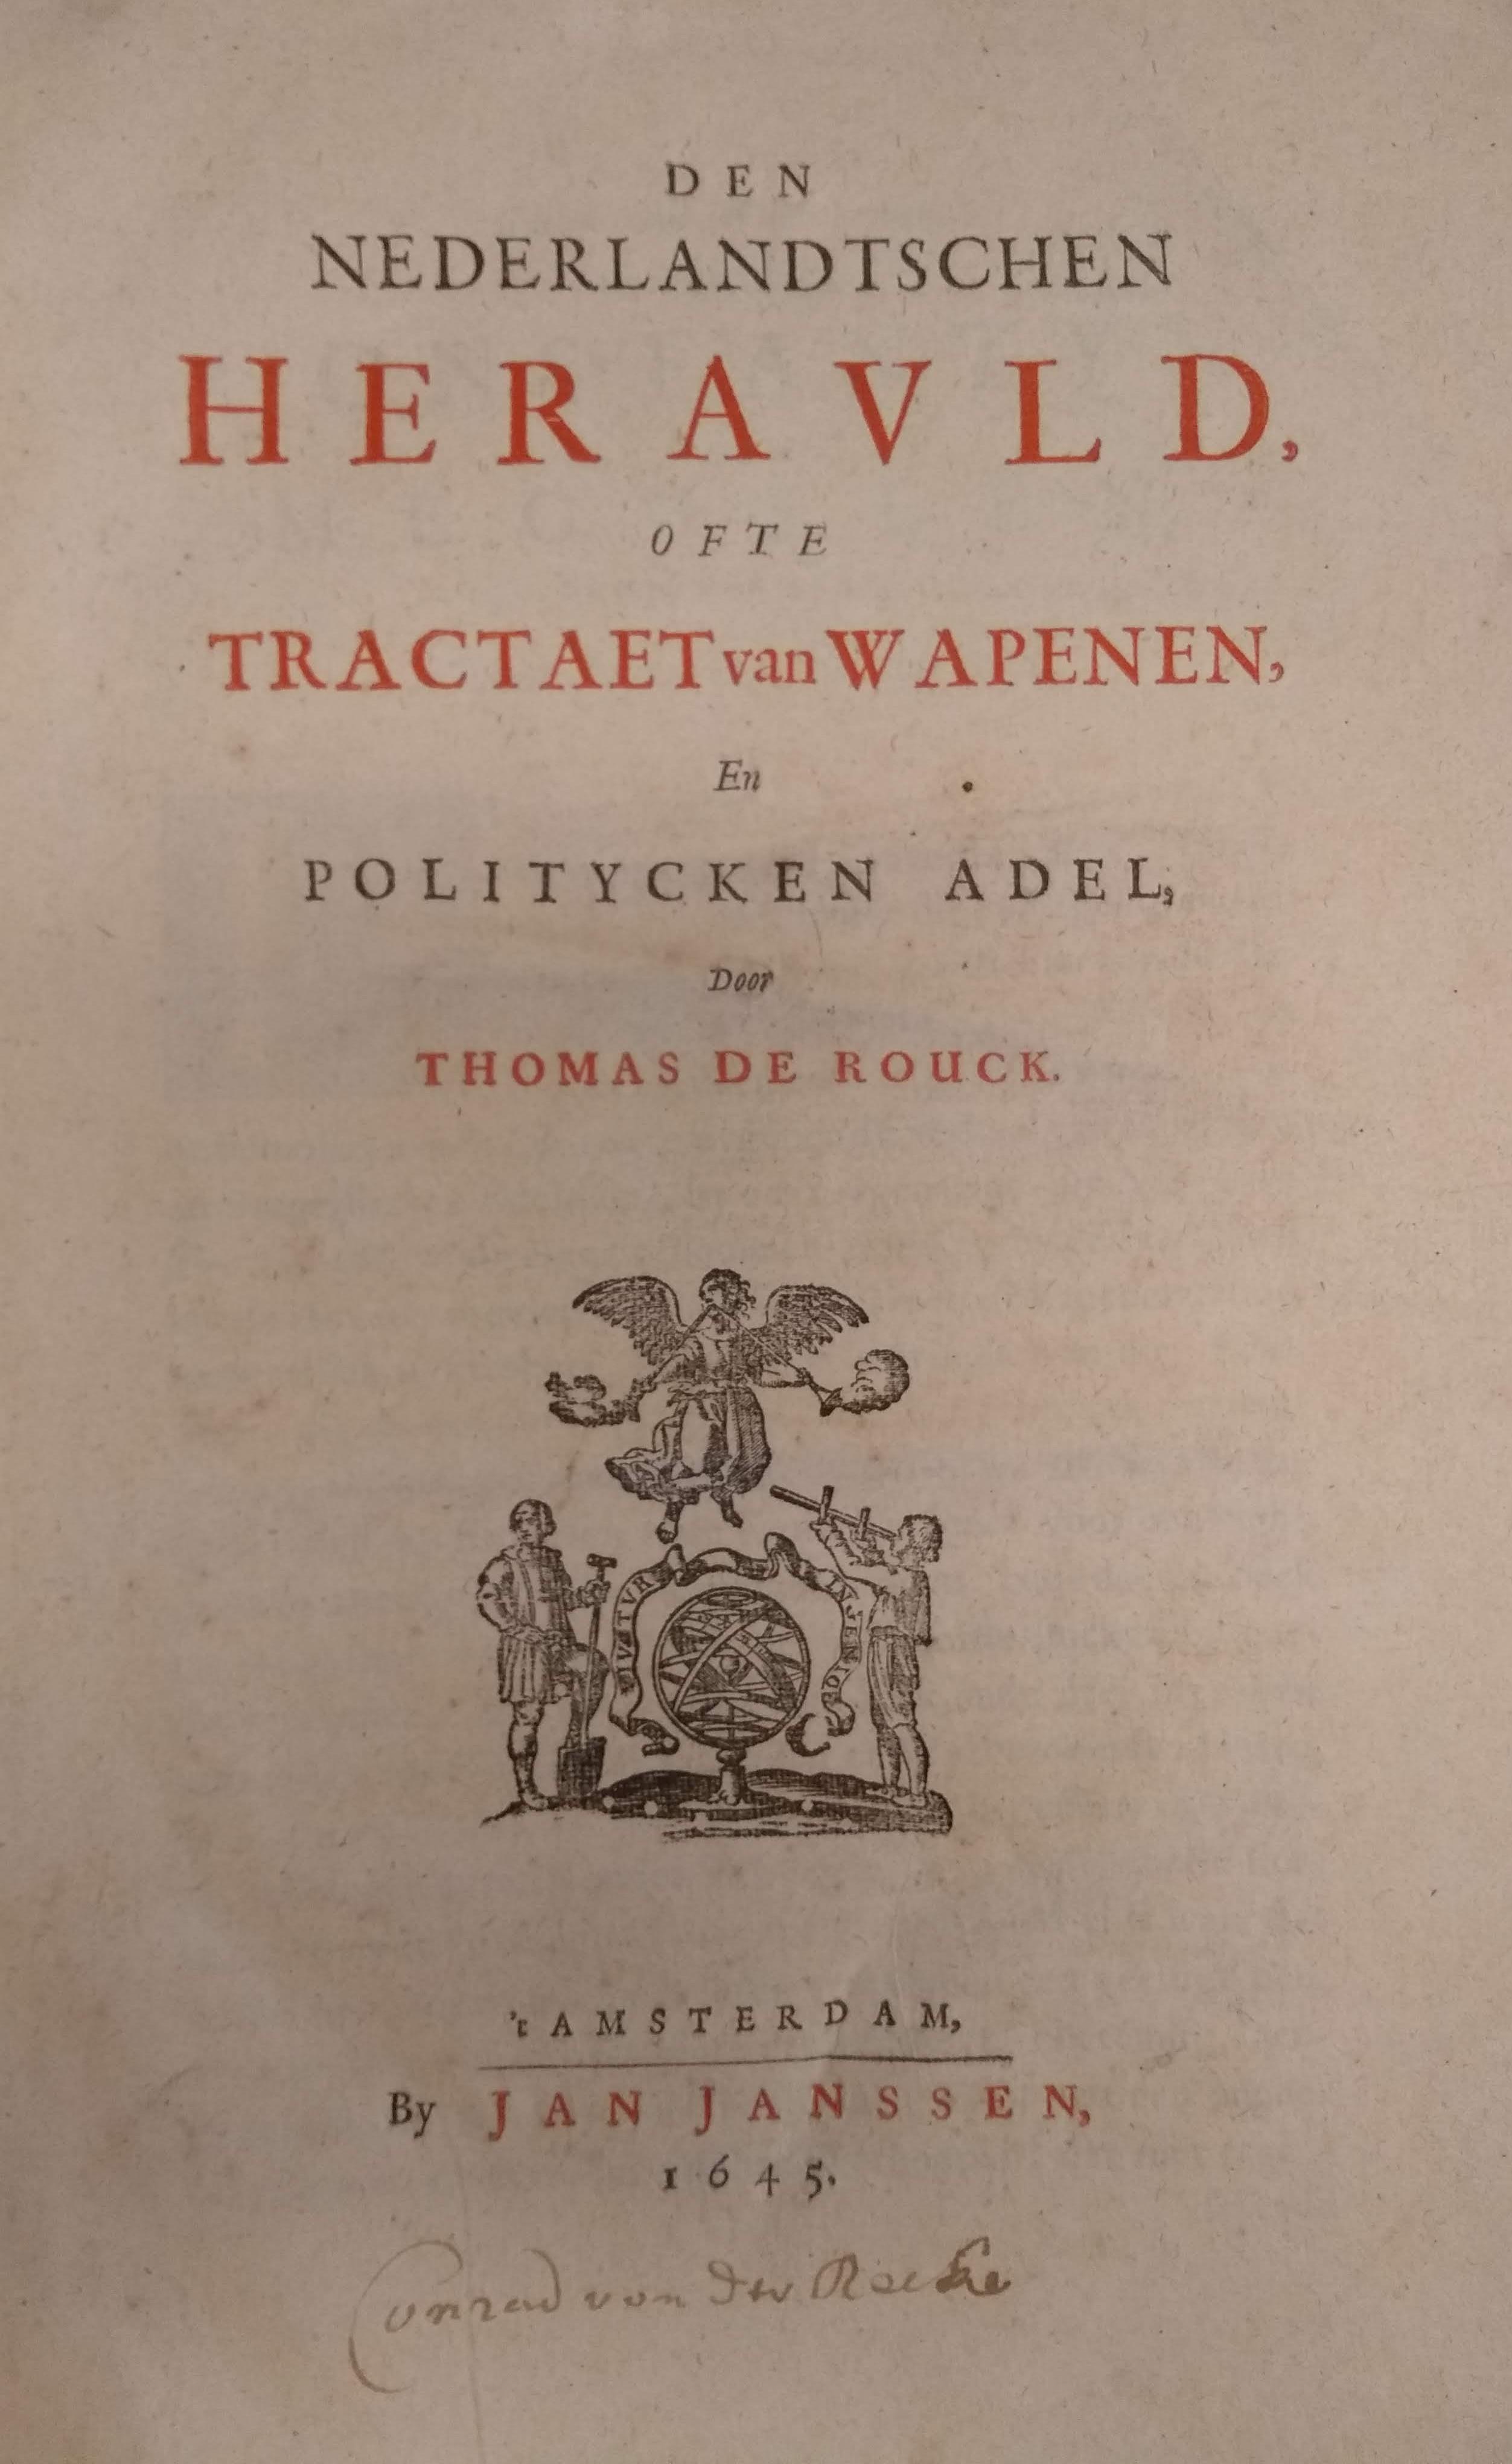 Rouck, Thomas de  Den Nederlandtschen Herauld ofte Tractaet van Wapenen en politycken adel.